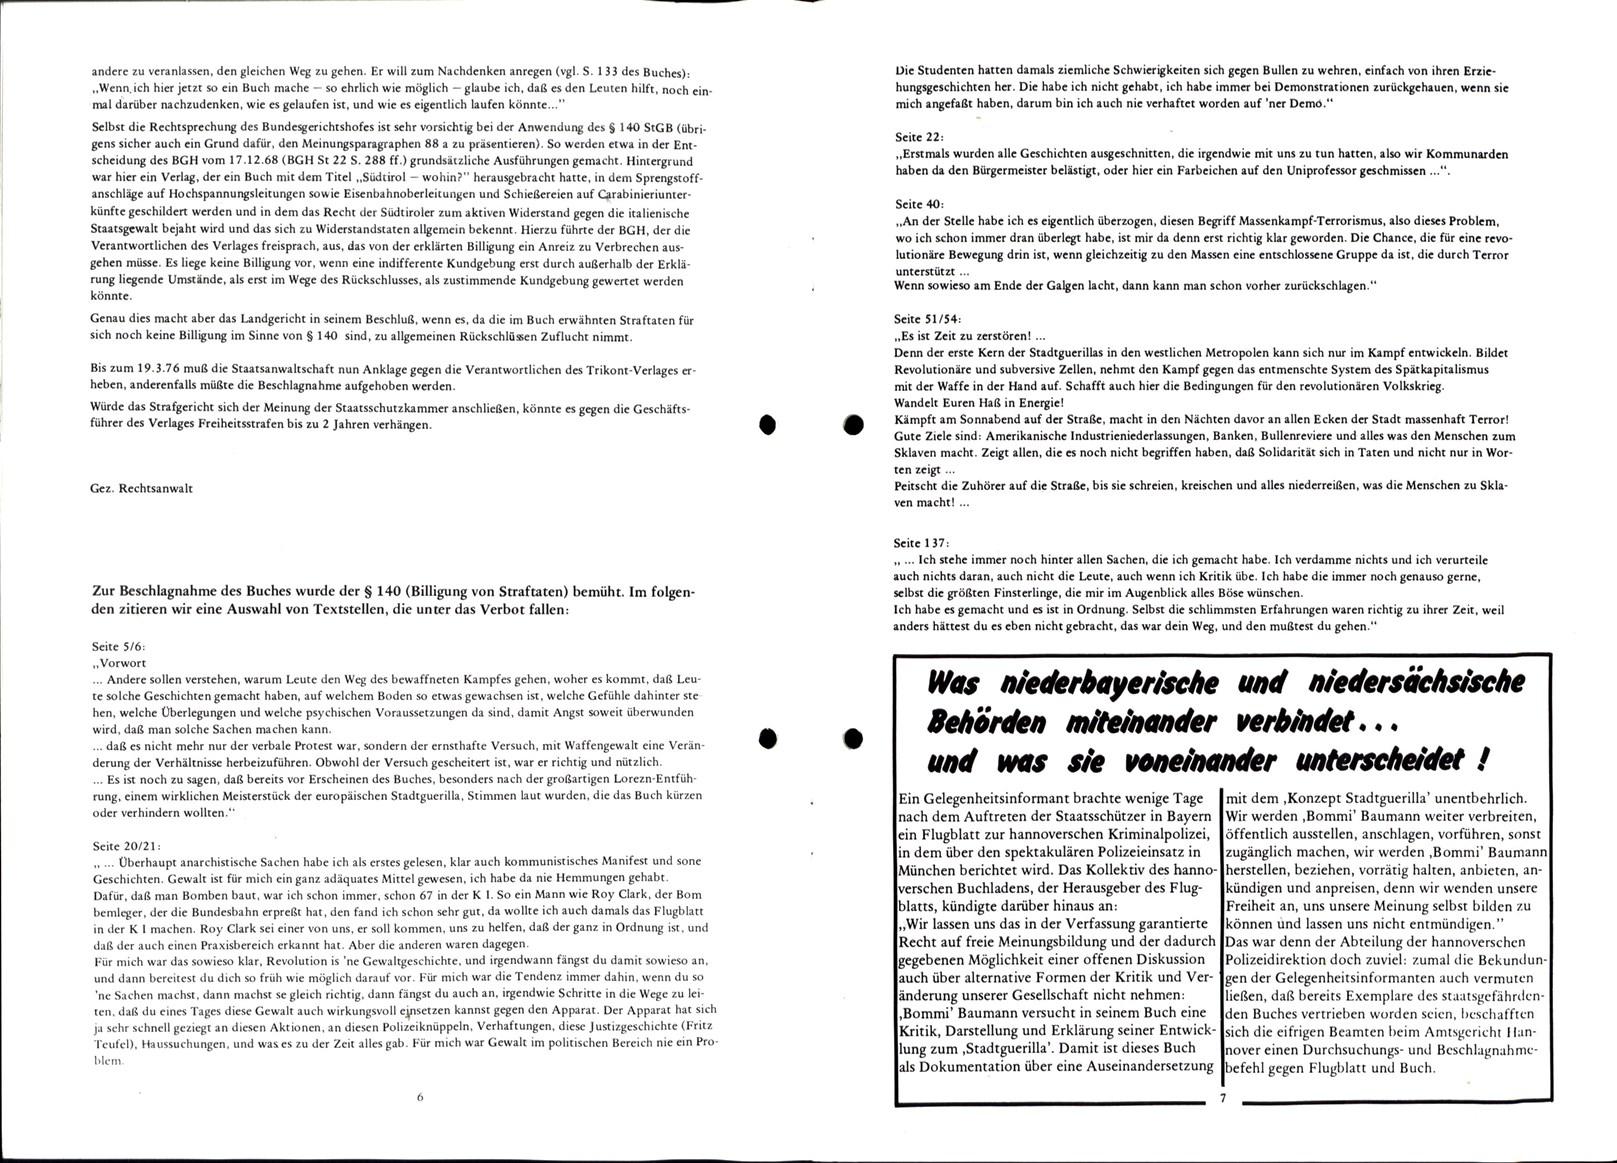 REP_1976_Doku_Beschlagnahme_von_Literatur_04